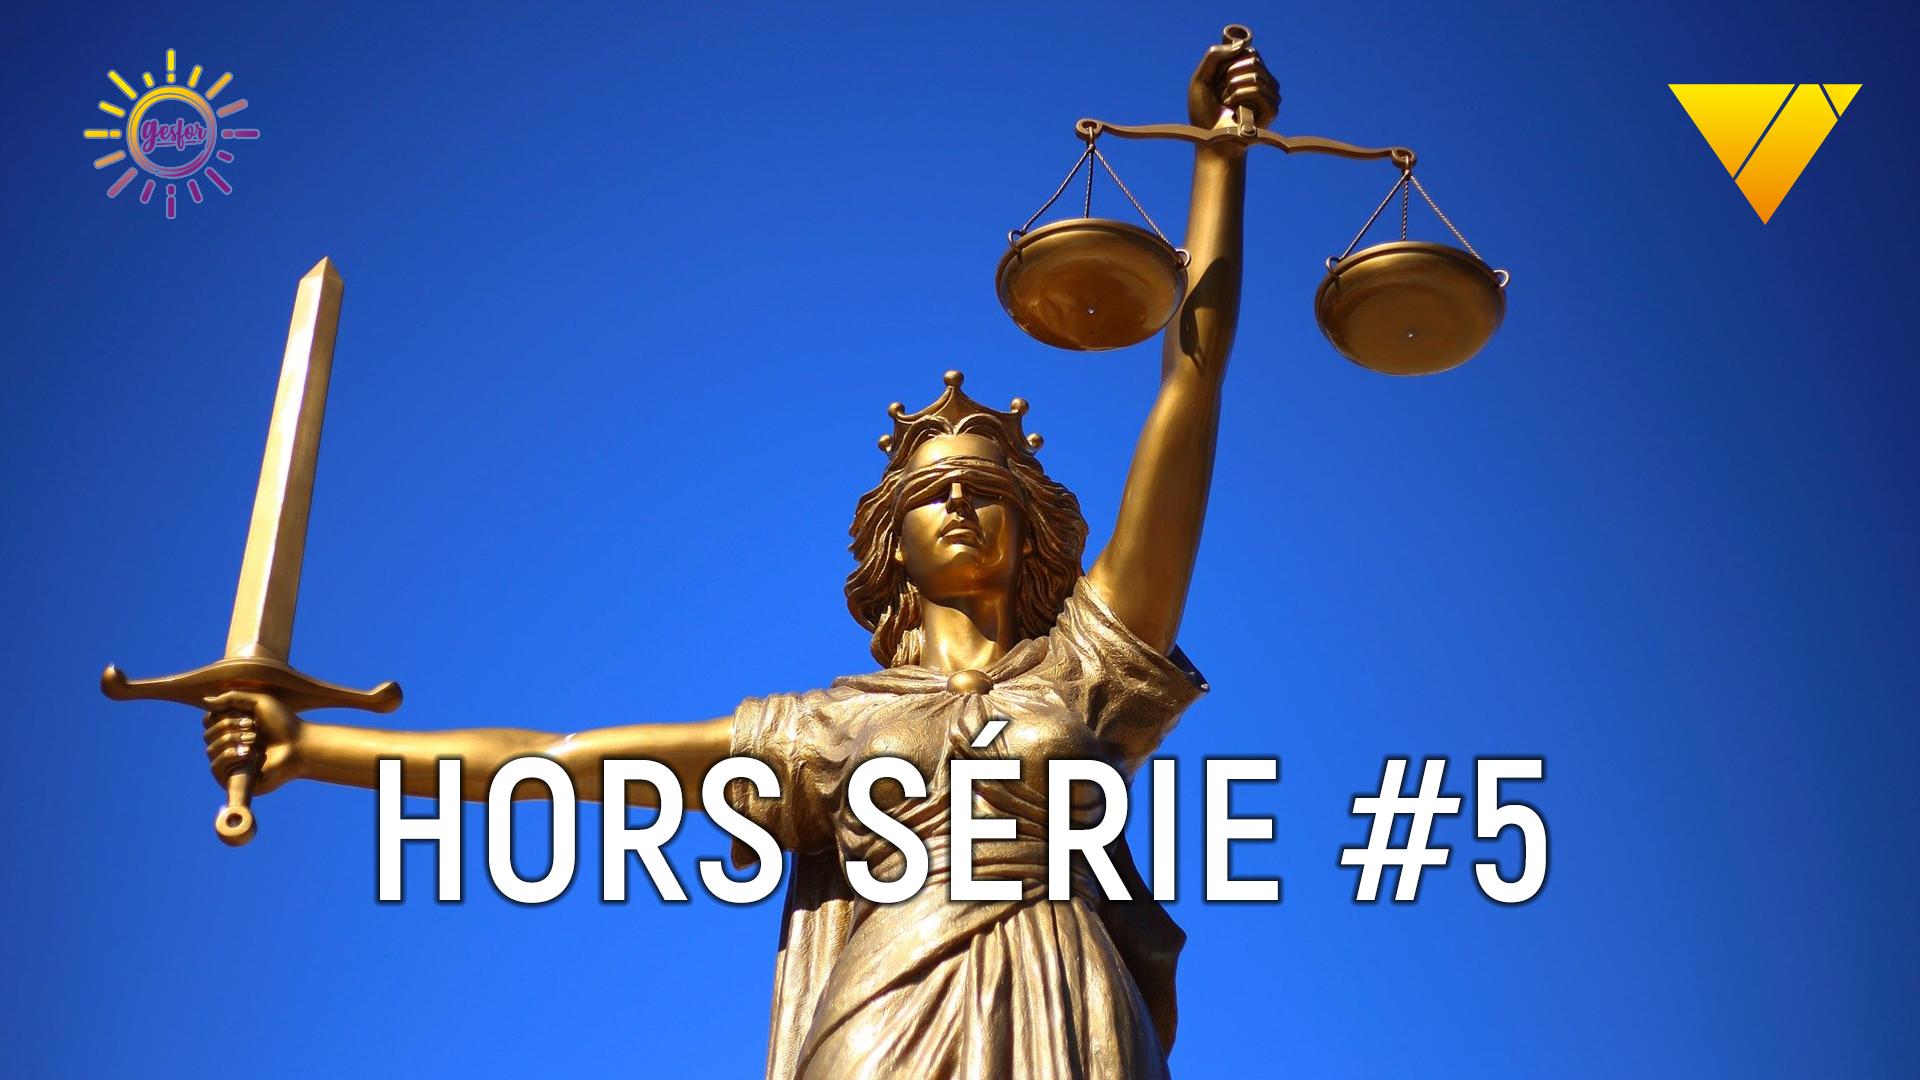 couverture du dossier hors serie numero 5 de 2020 sur les procès et verdicts d'accident mortel de travail hors espace confiné